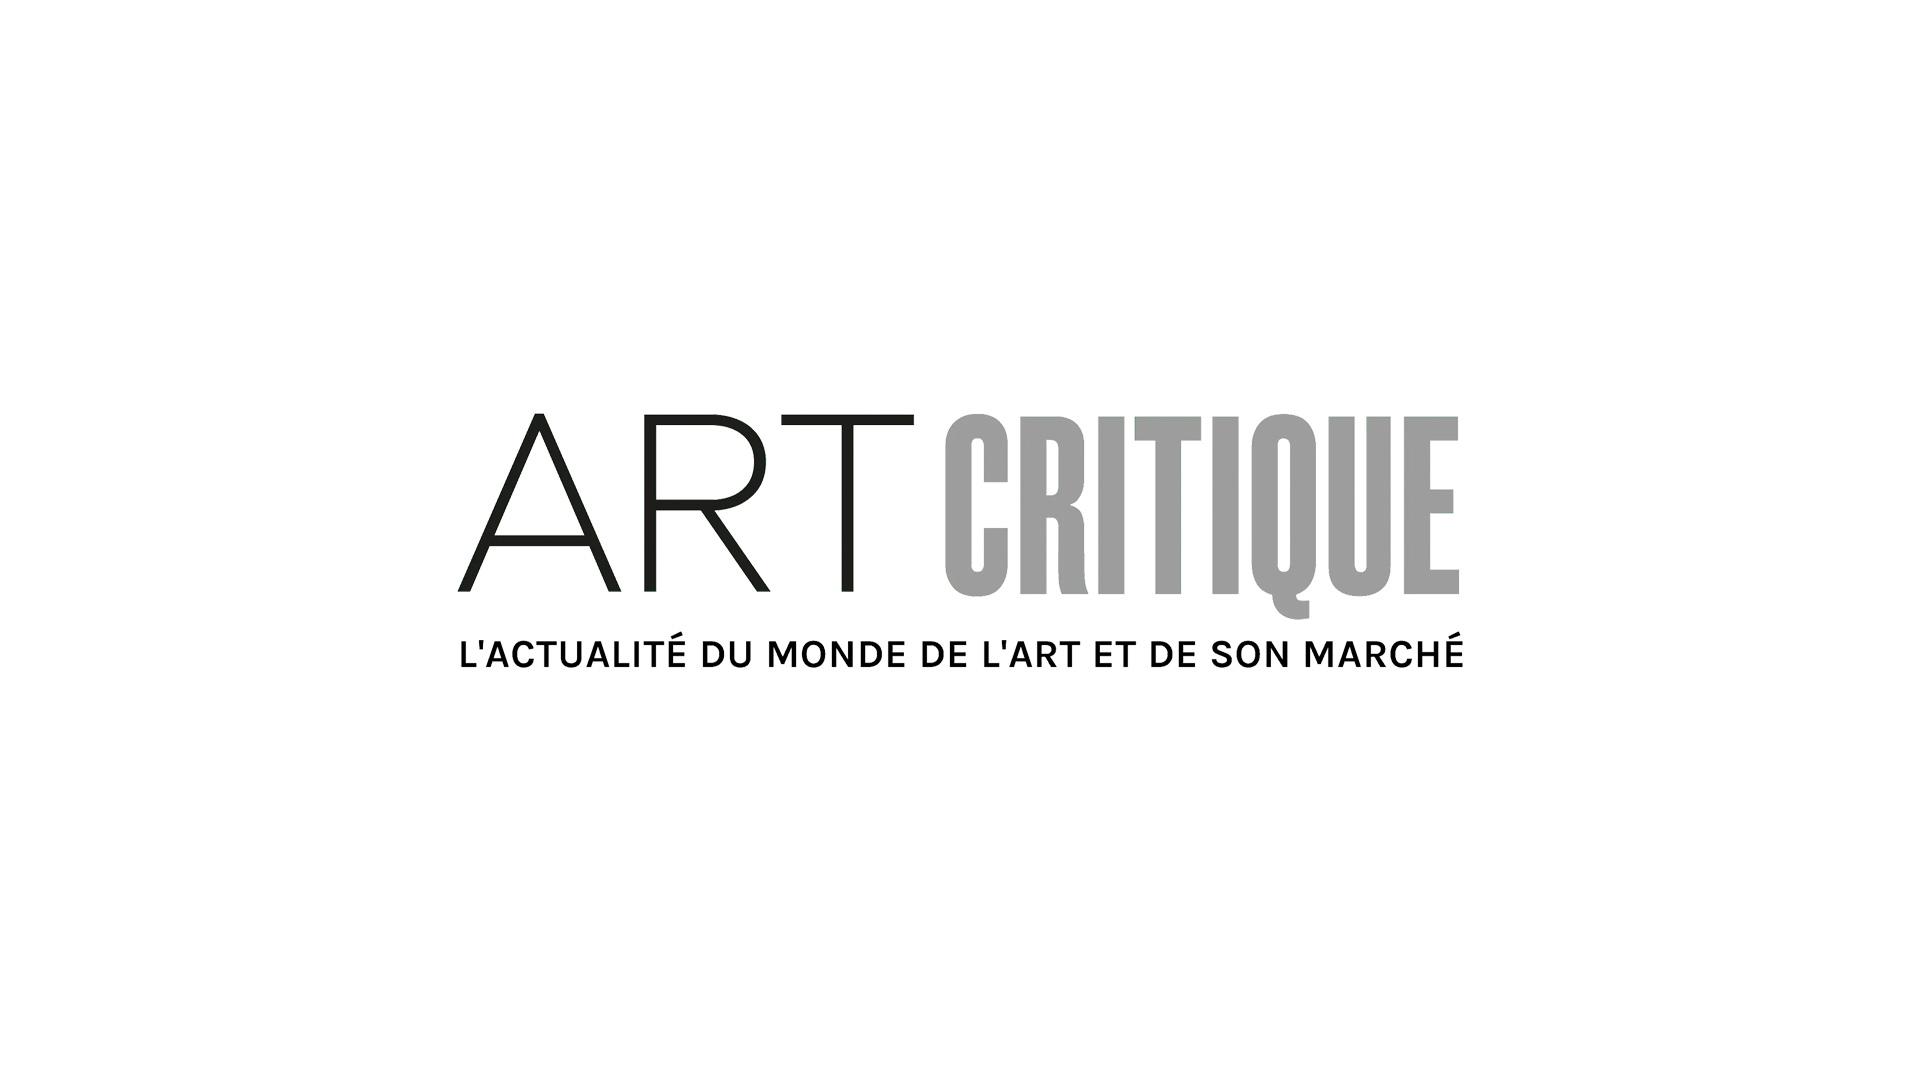 Jean-Michel Basquiat fait sa nocturne!